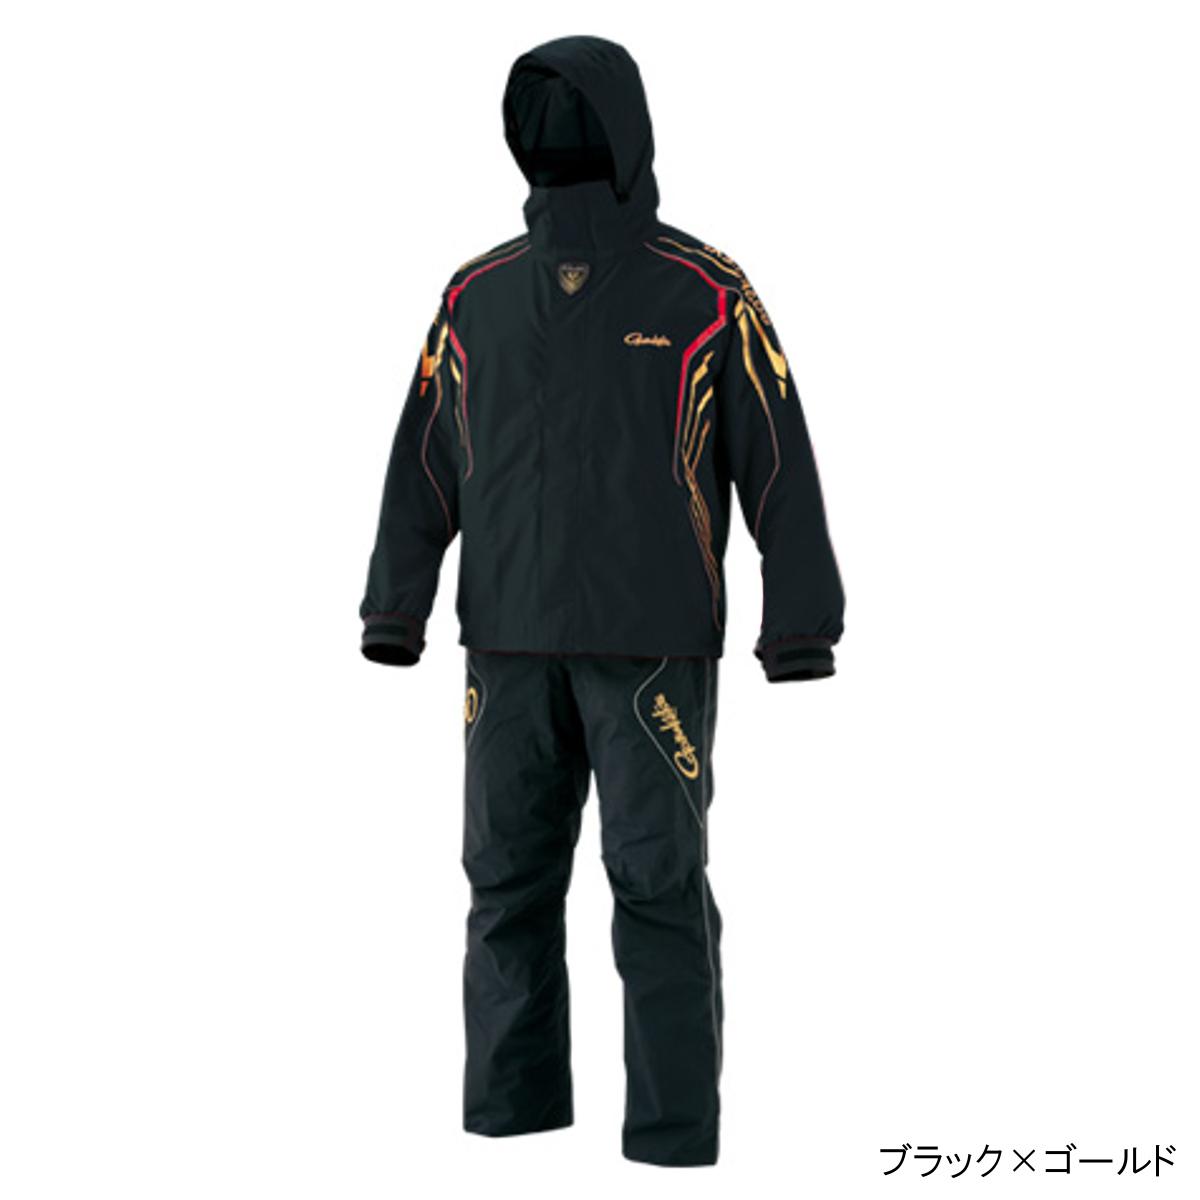 ゴアテックス レインスーツ GM-3500 L ブラック×ゴールド【送料無料】